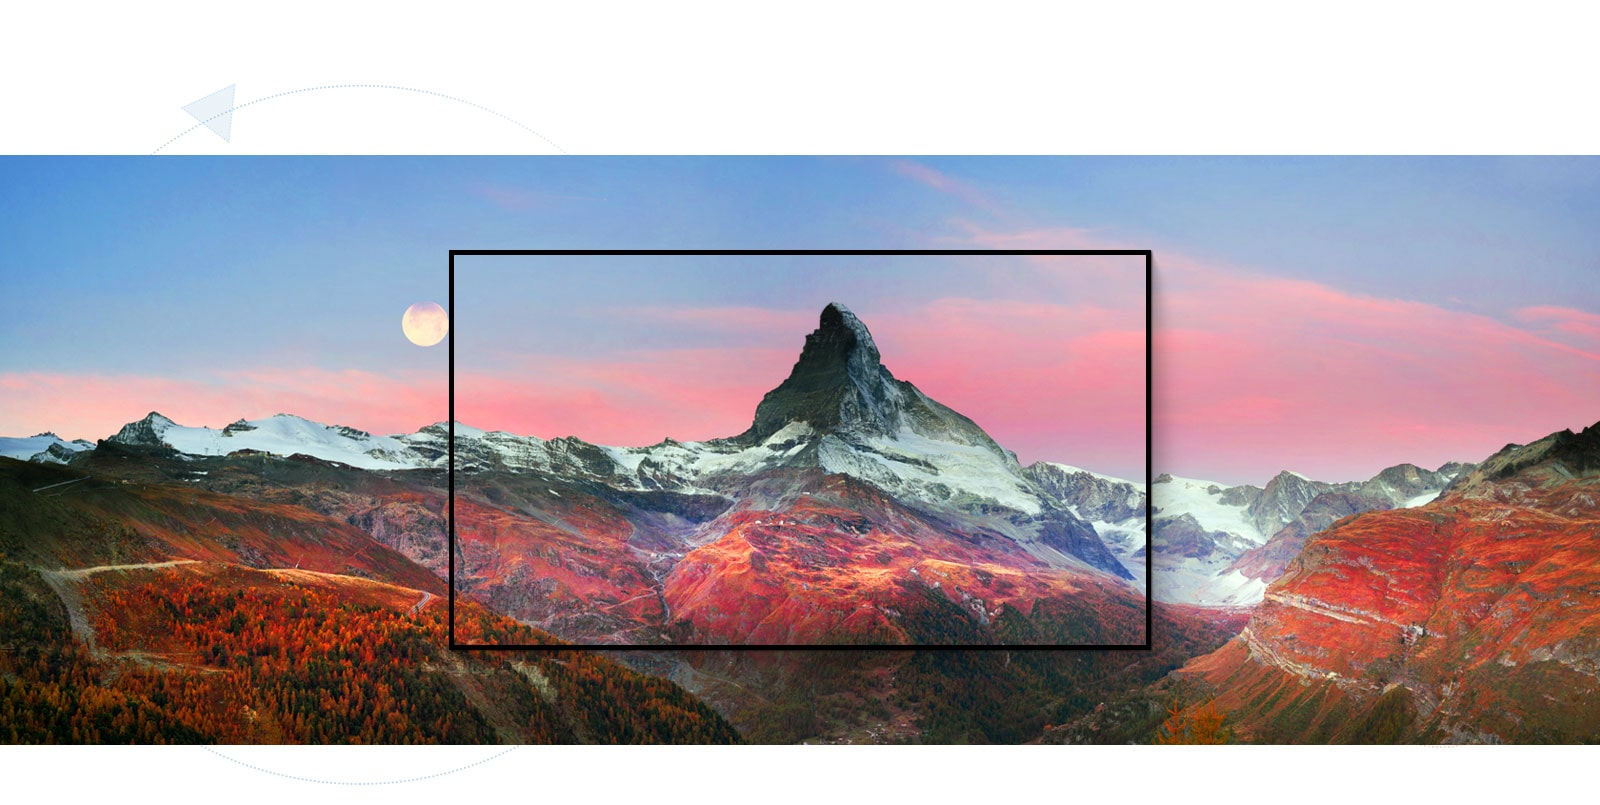 מסגרת הלוכדת נוף של הר מדהים ביופיו (הפעילו את הסרטון)